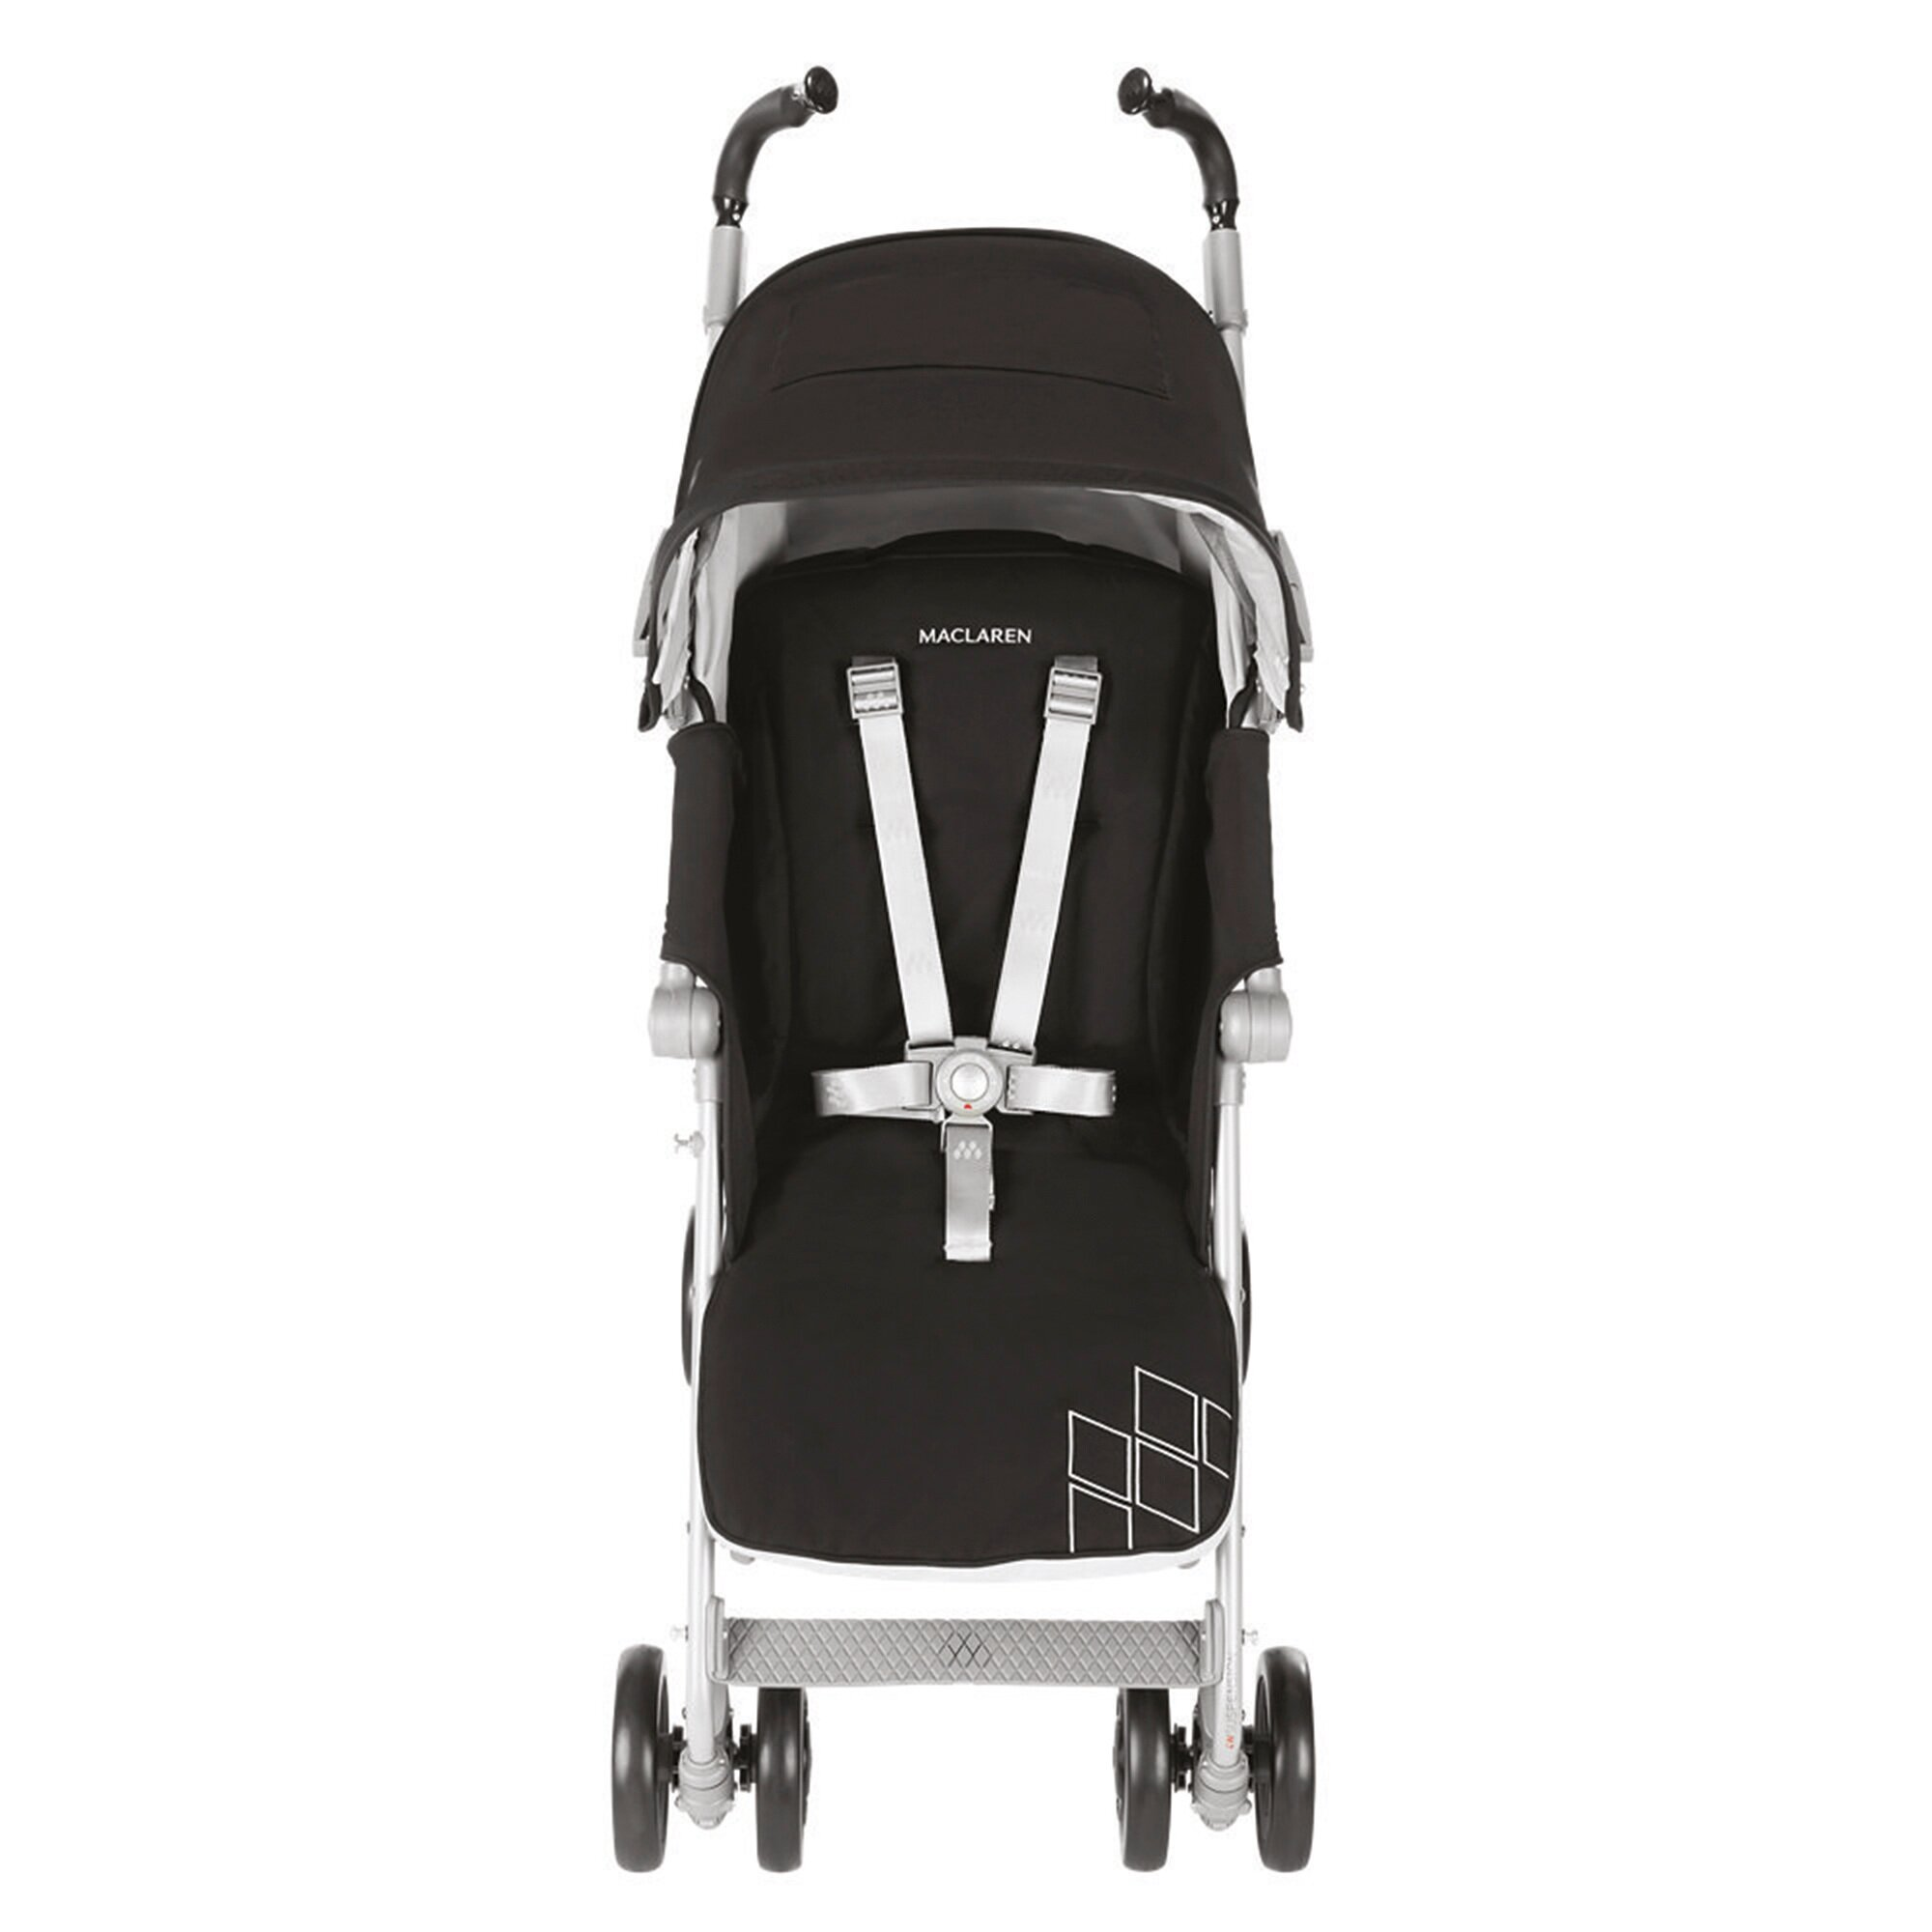 maclaren-buggy-techno-xt-design-2016-schwarz, 338.99 EUR @ babywalz-de